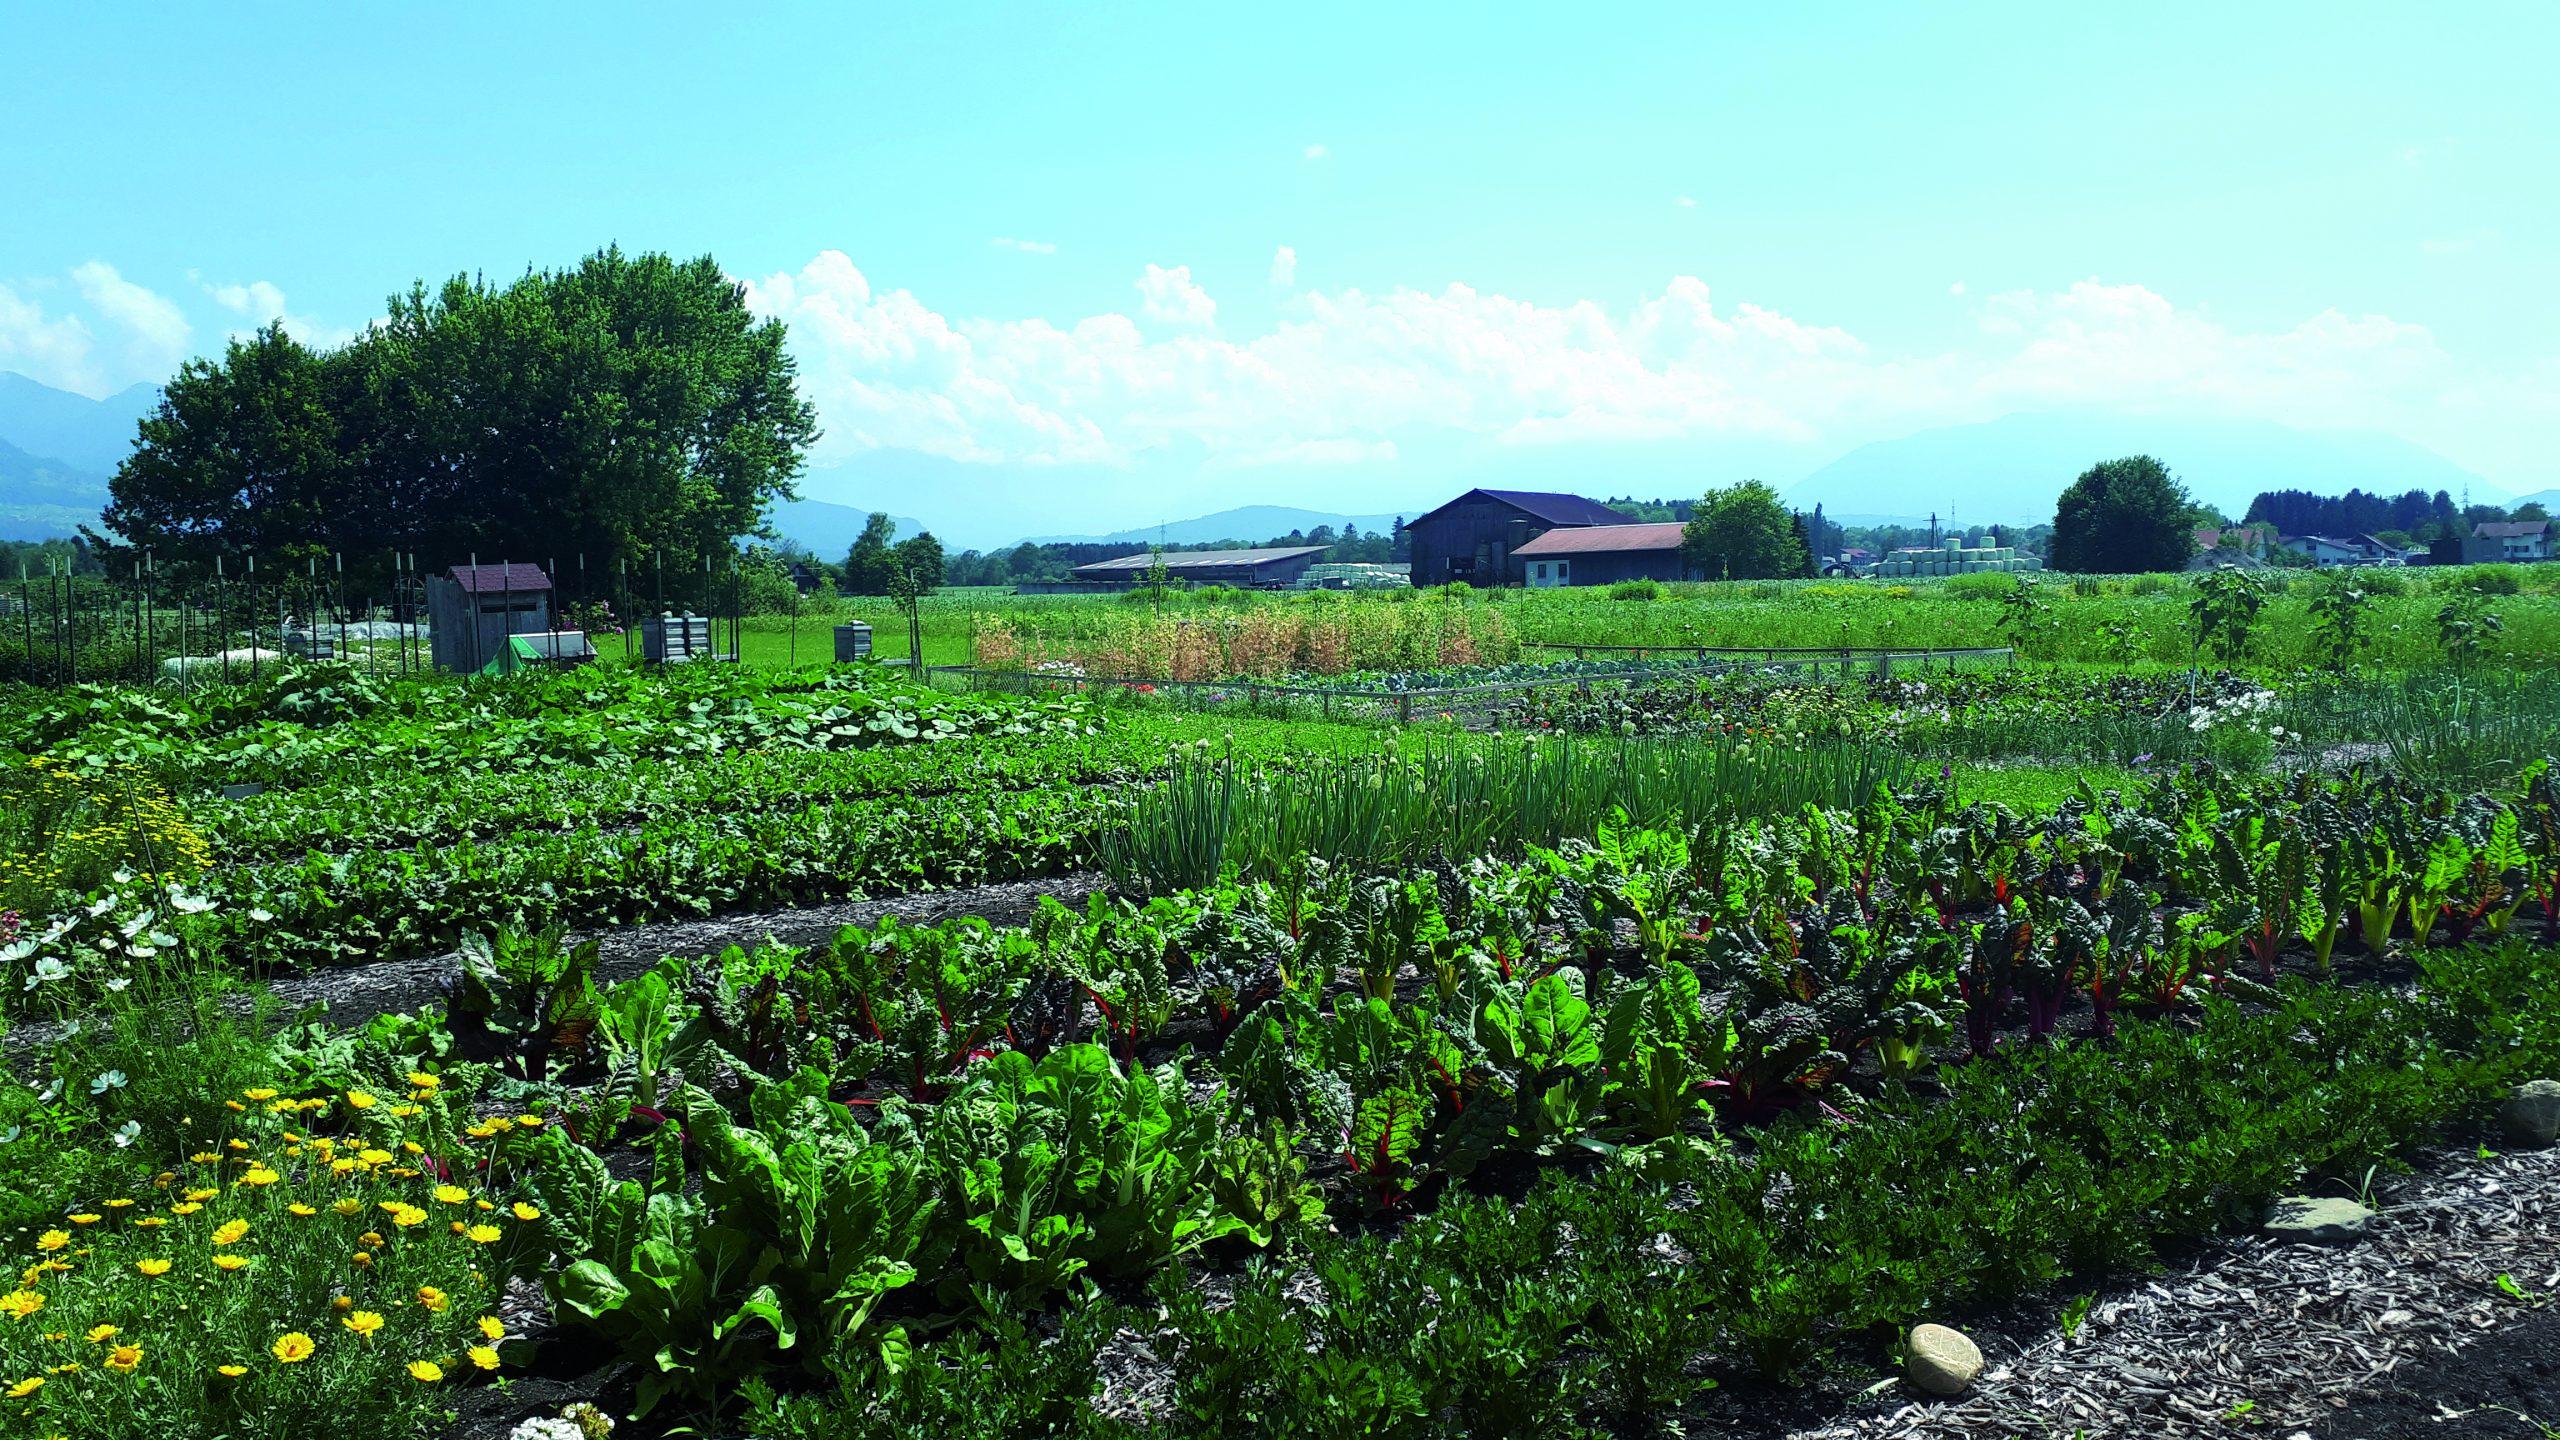 Auszeit auf dem Gemüsefeld